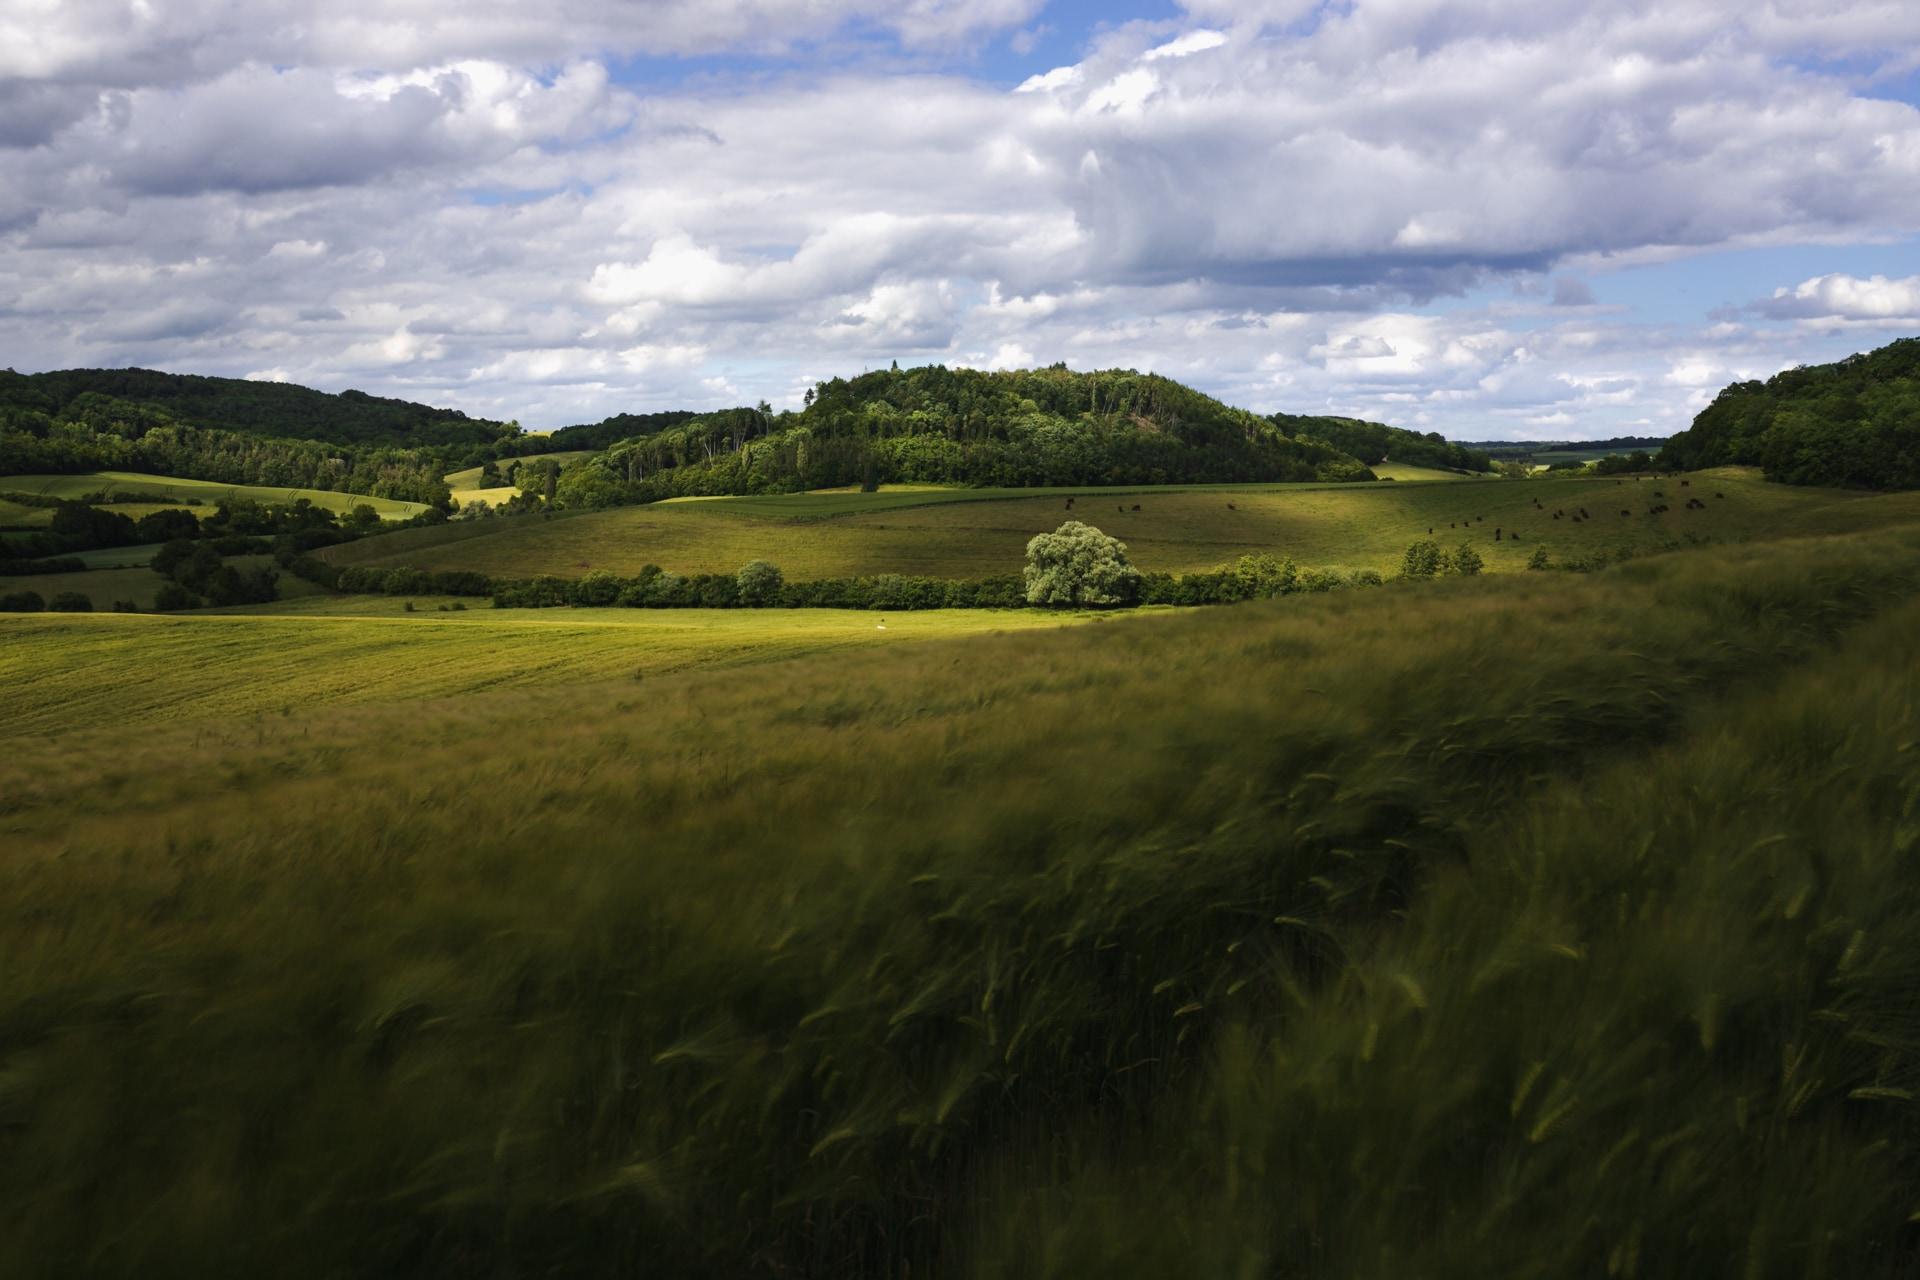 Paysage-prairie-Gemeindetheile- printemps2019-9693